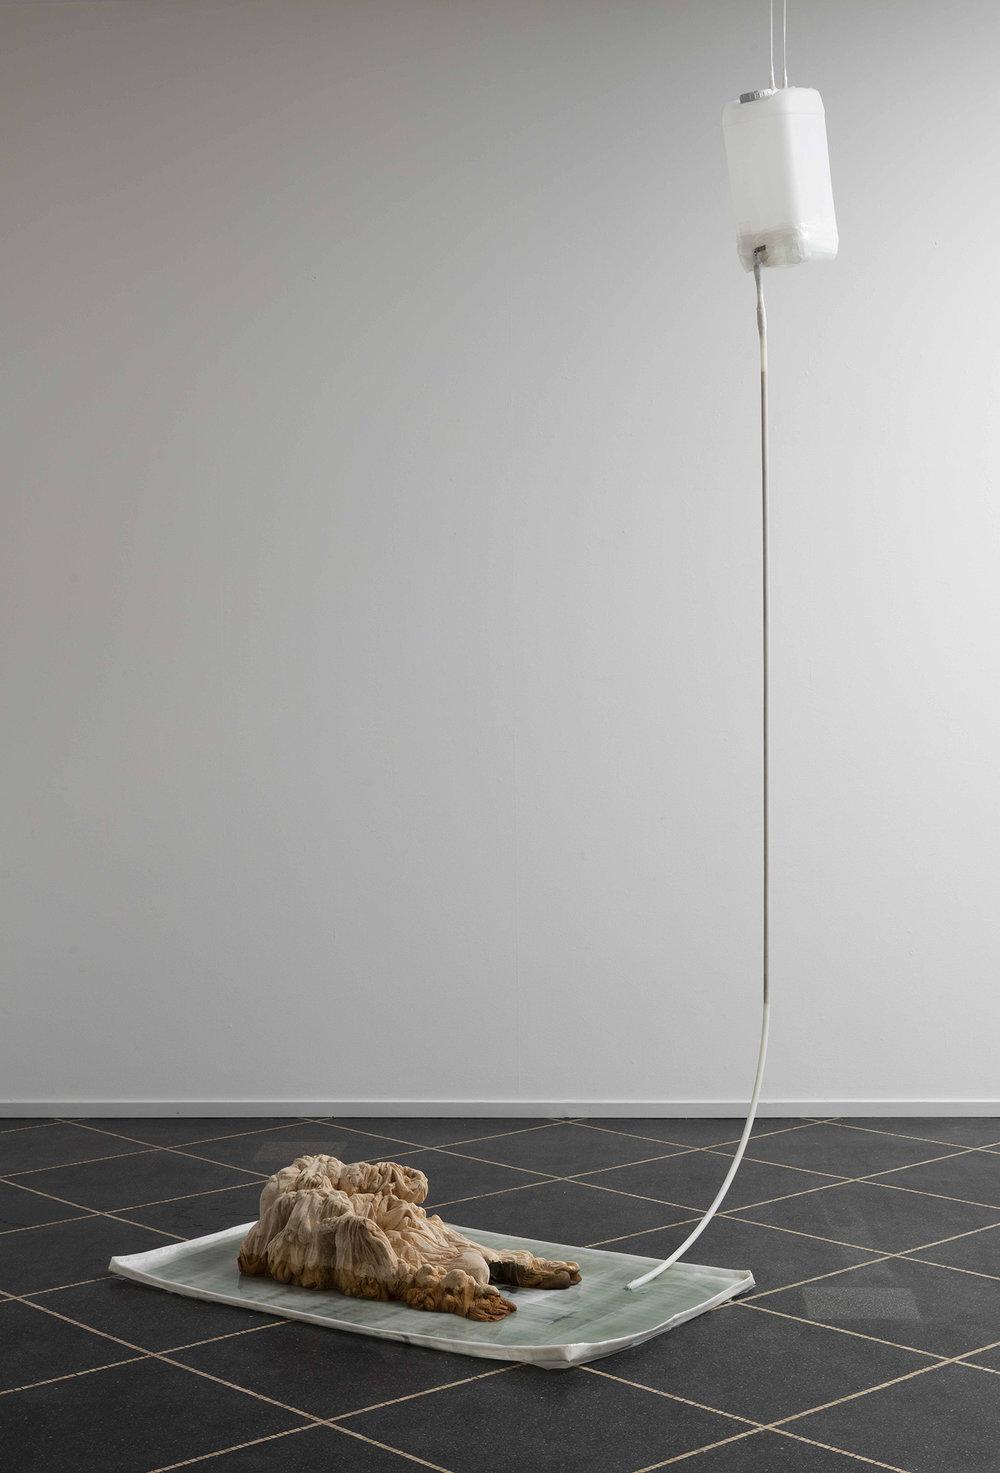 NN, Untitled, 2018 (Lindetræ, tape, blæk, vanddunk, kobberrør, plastikrør, vand. Variable dimensioner). Foto:Anders Sune Berg © Galleri Susanne Ottesen.